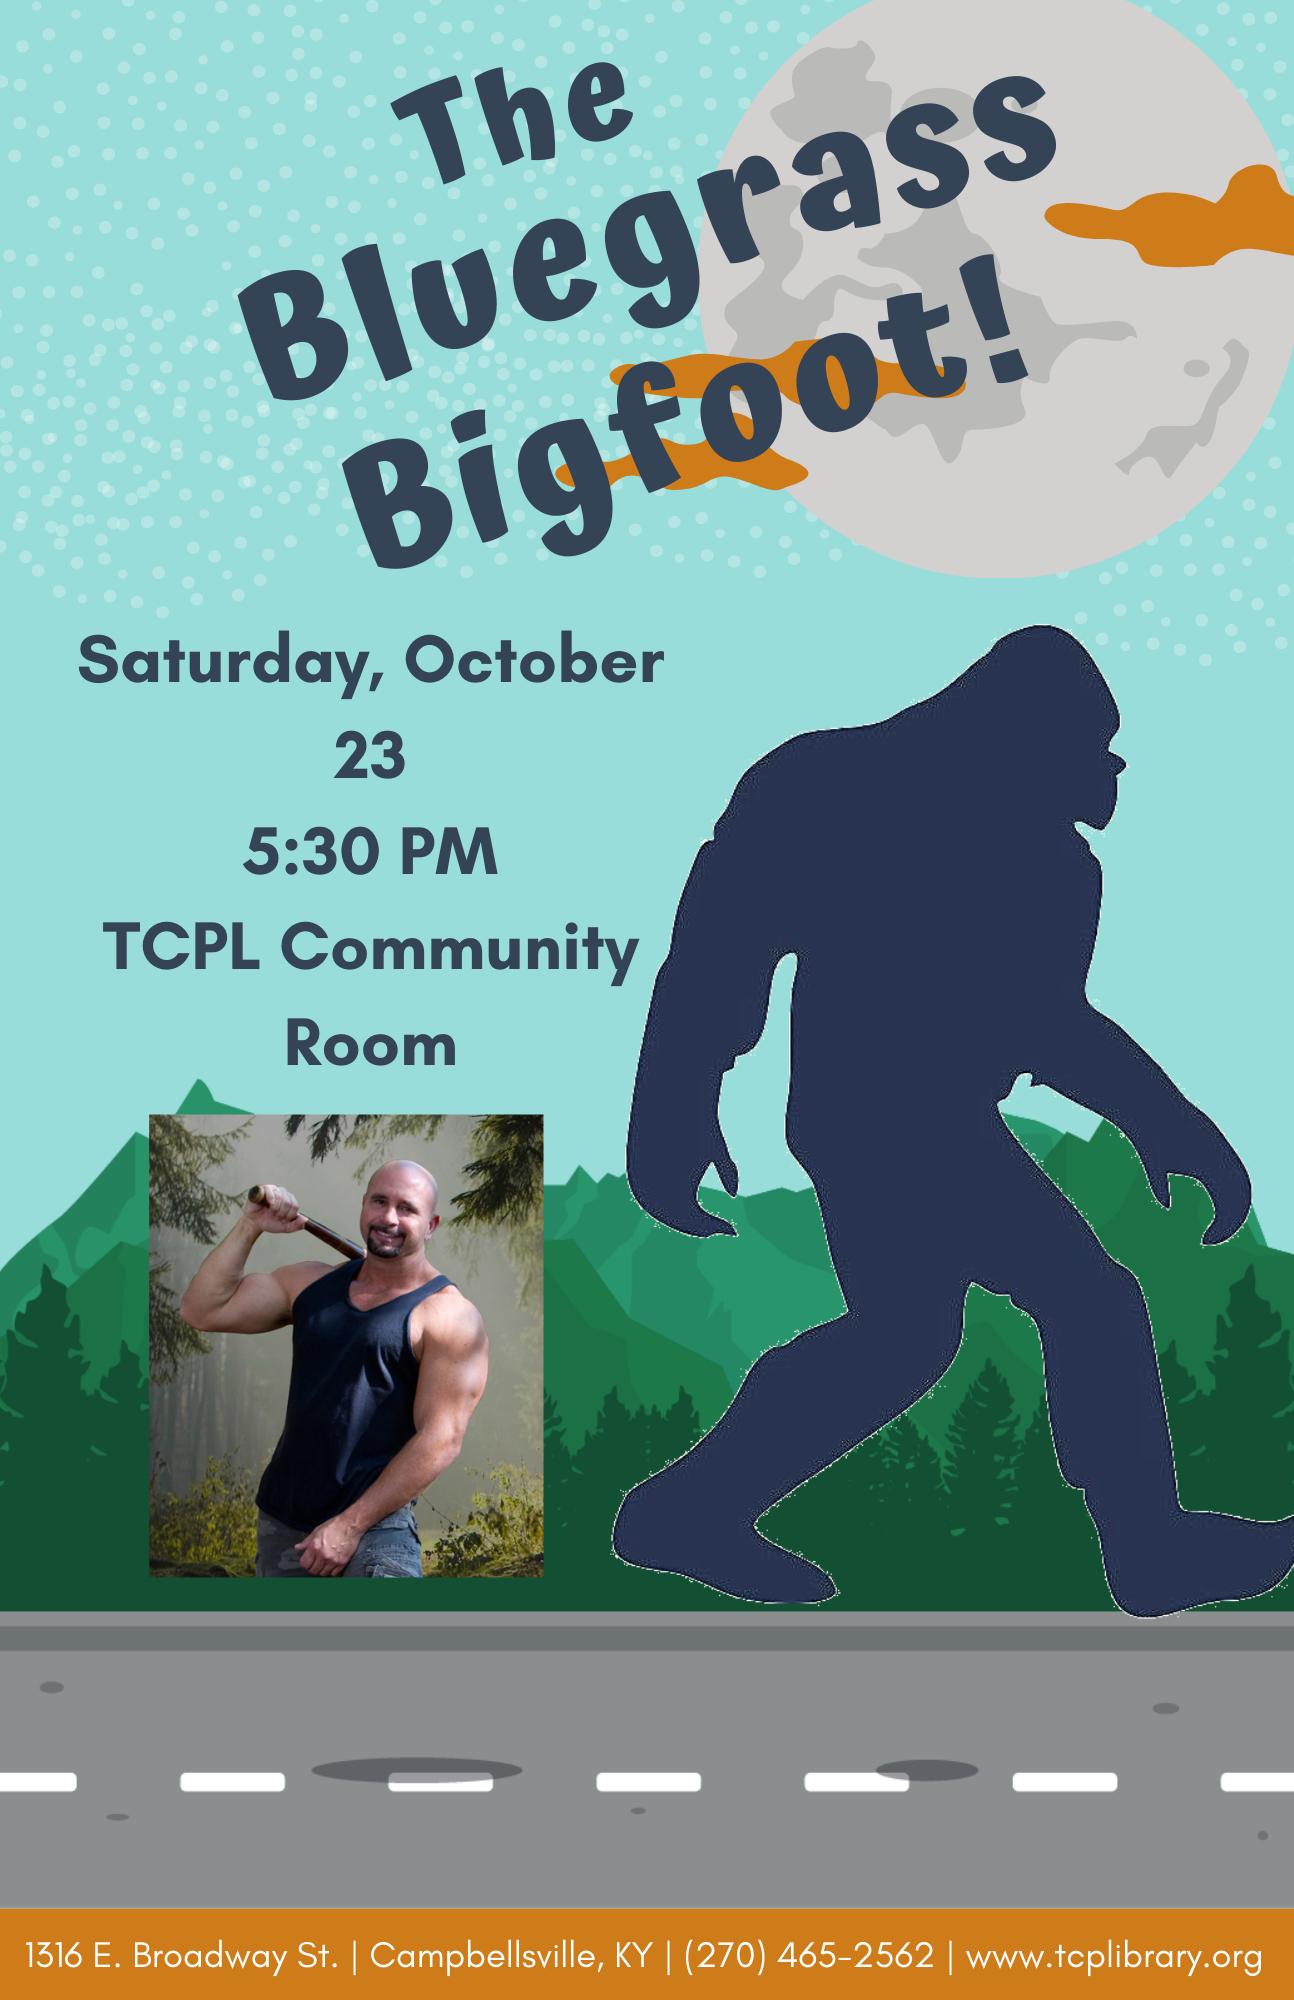 The Bluegrass Bigfoot